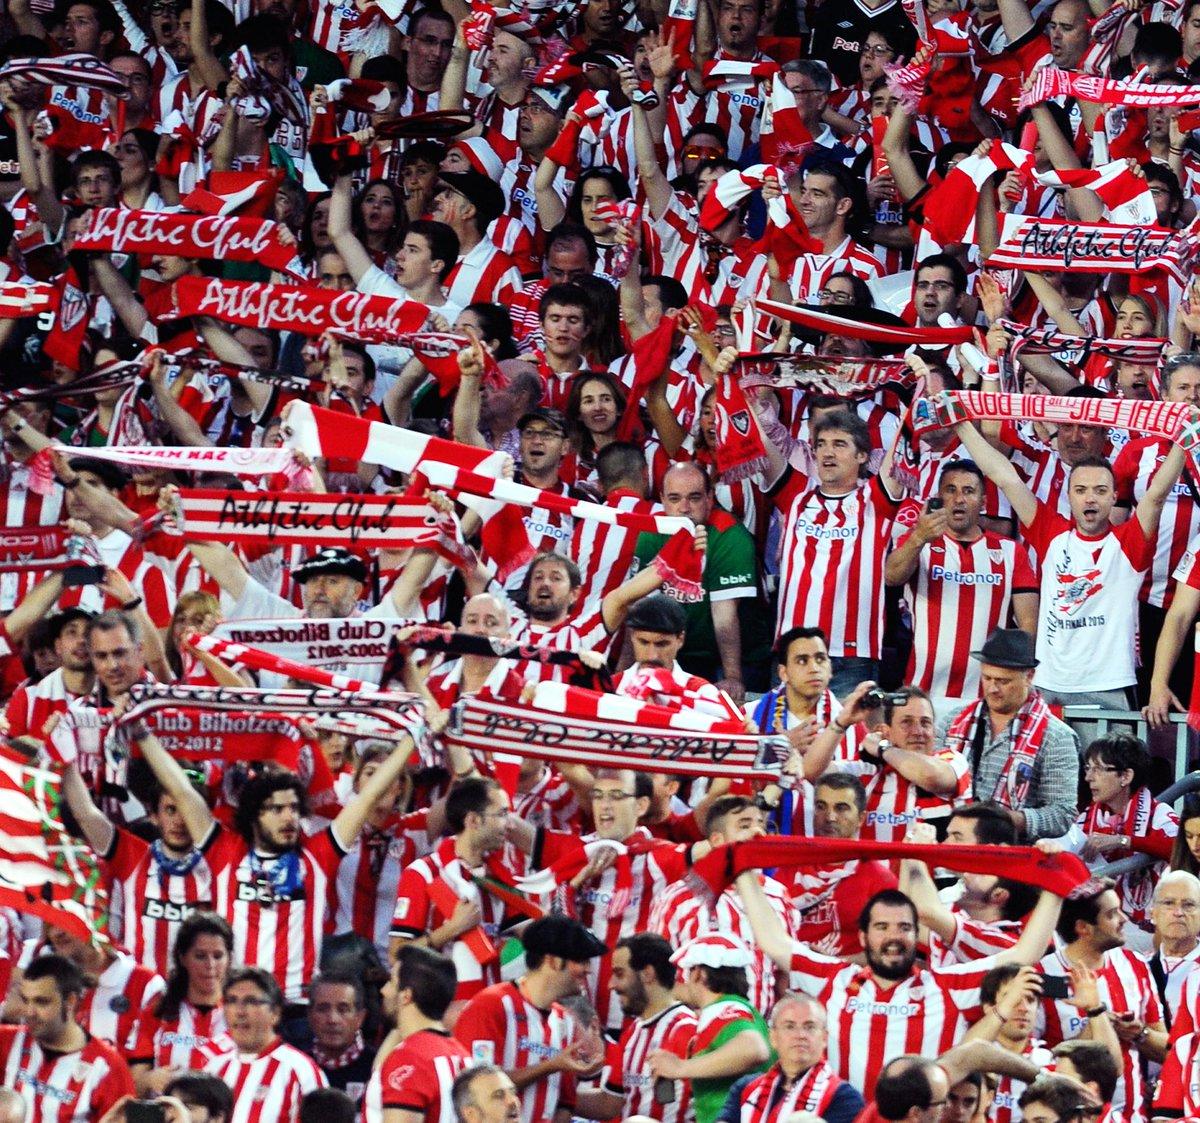 ¿Quien llegará más lejos en la Europa League?  RT - Athletic 💙 - Celta...